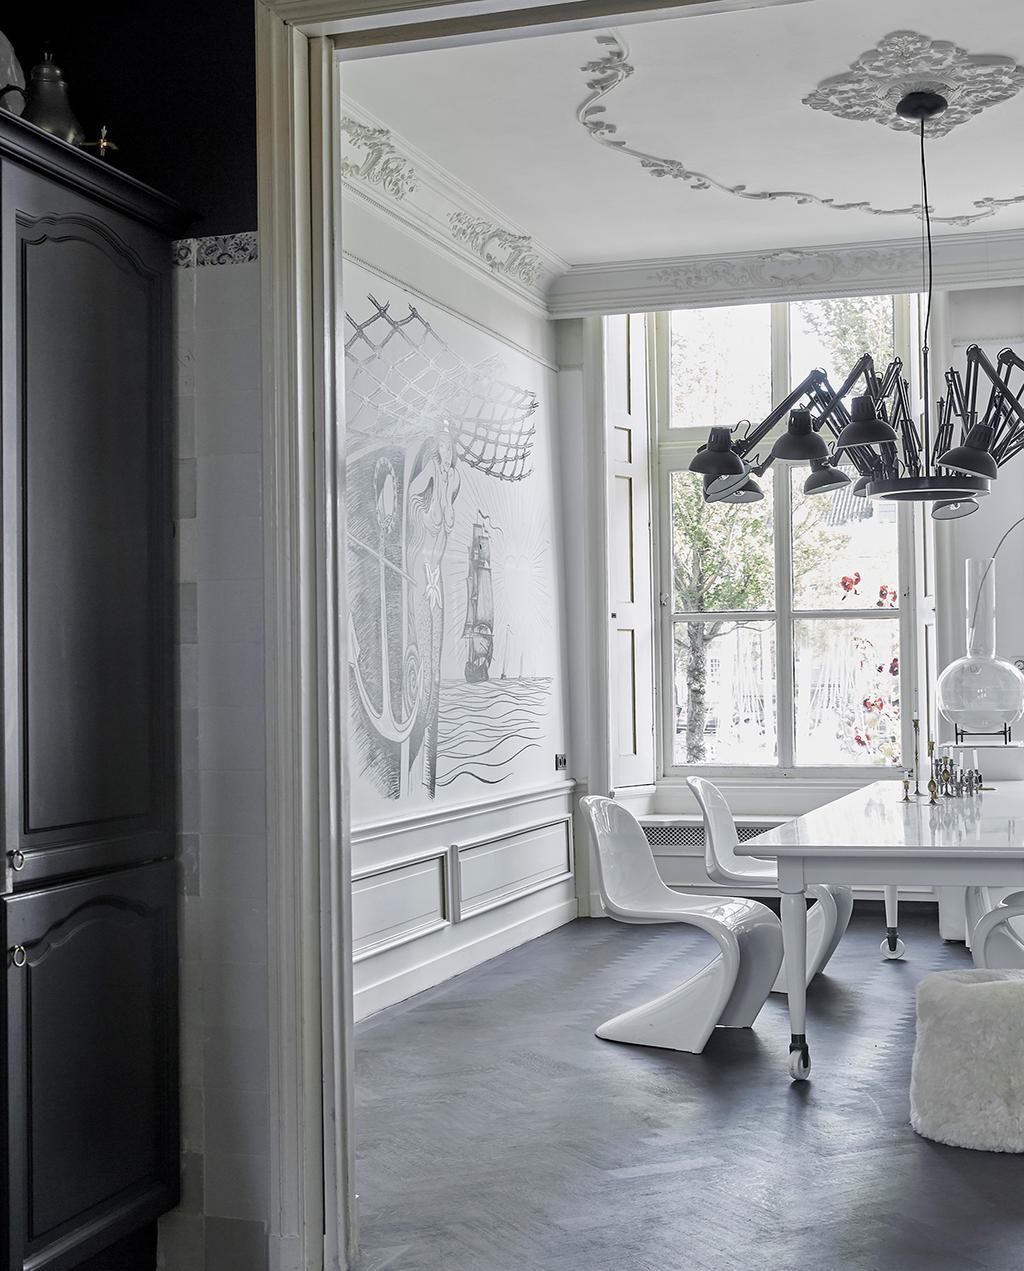 vtwonen 02-2021 | binnenkijken Harlingen eethoek met witte stoelen, tekening op de muur